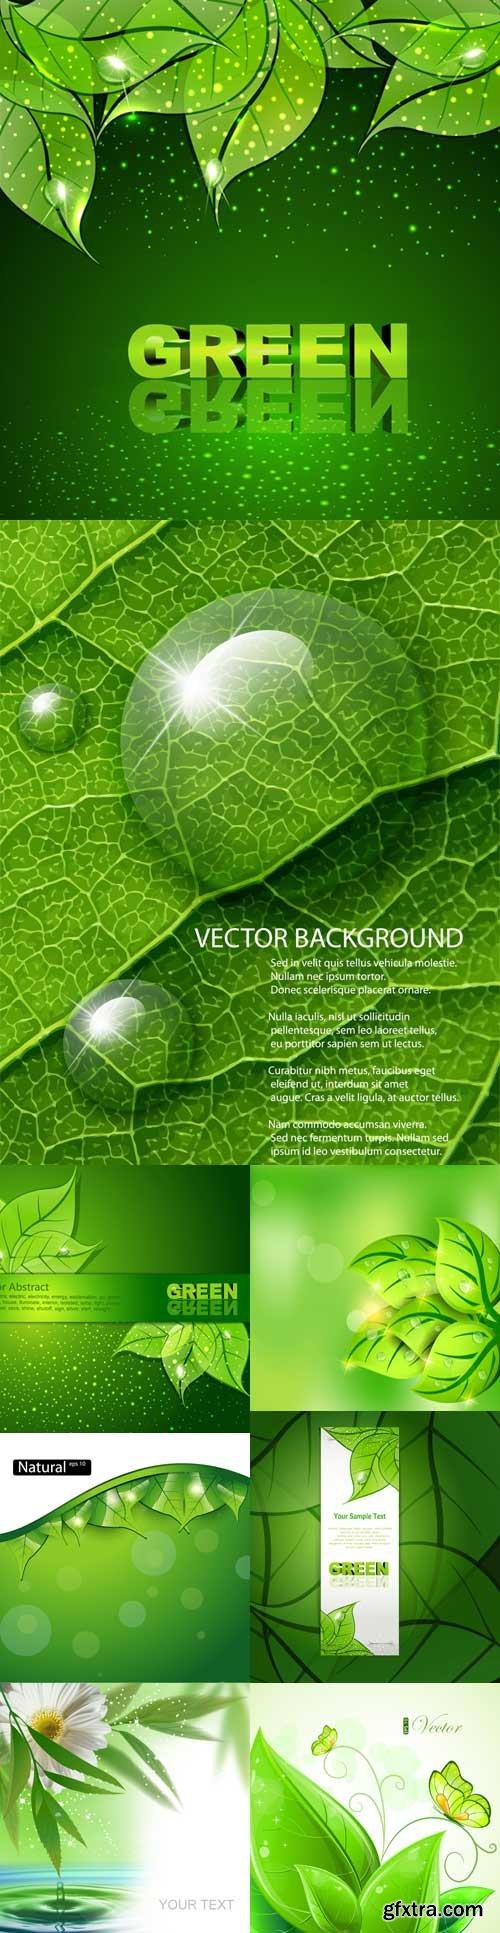 Green freshness backgrounds